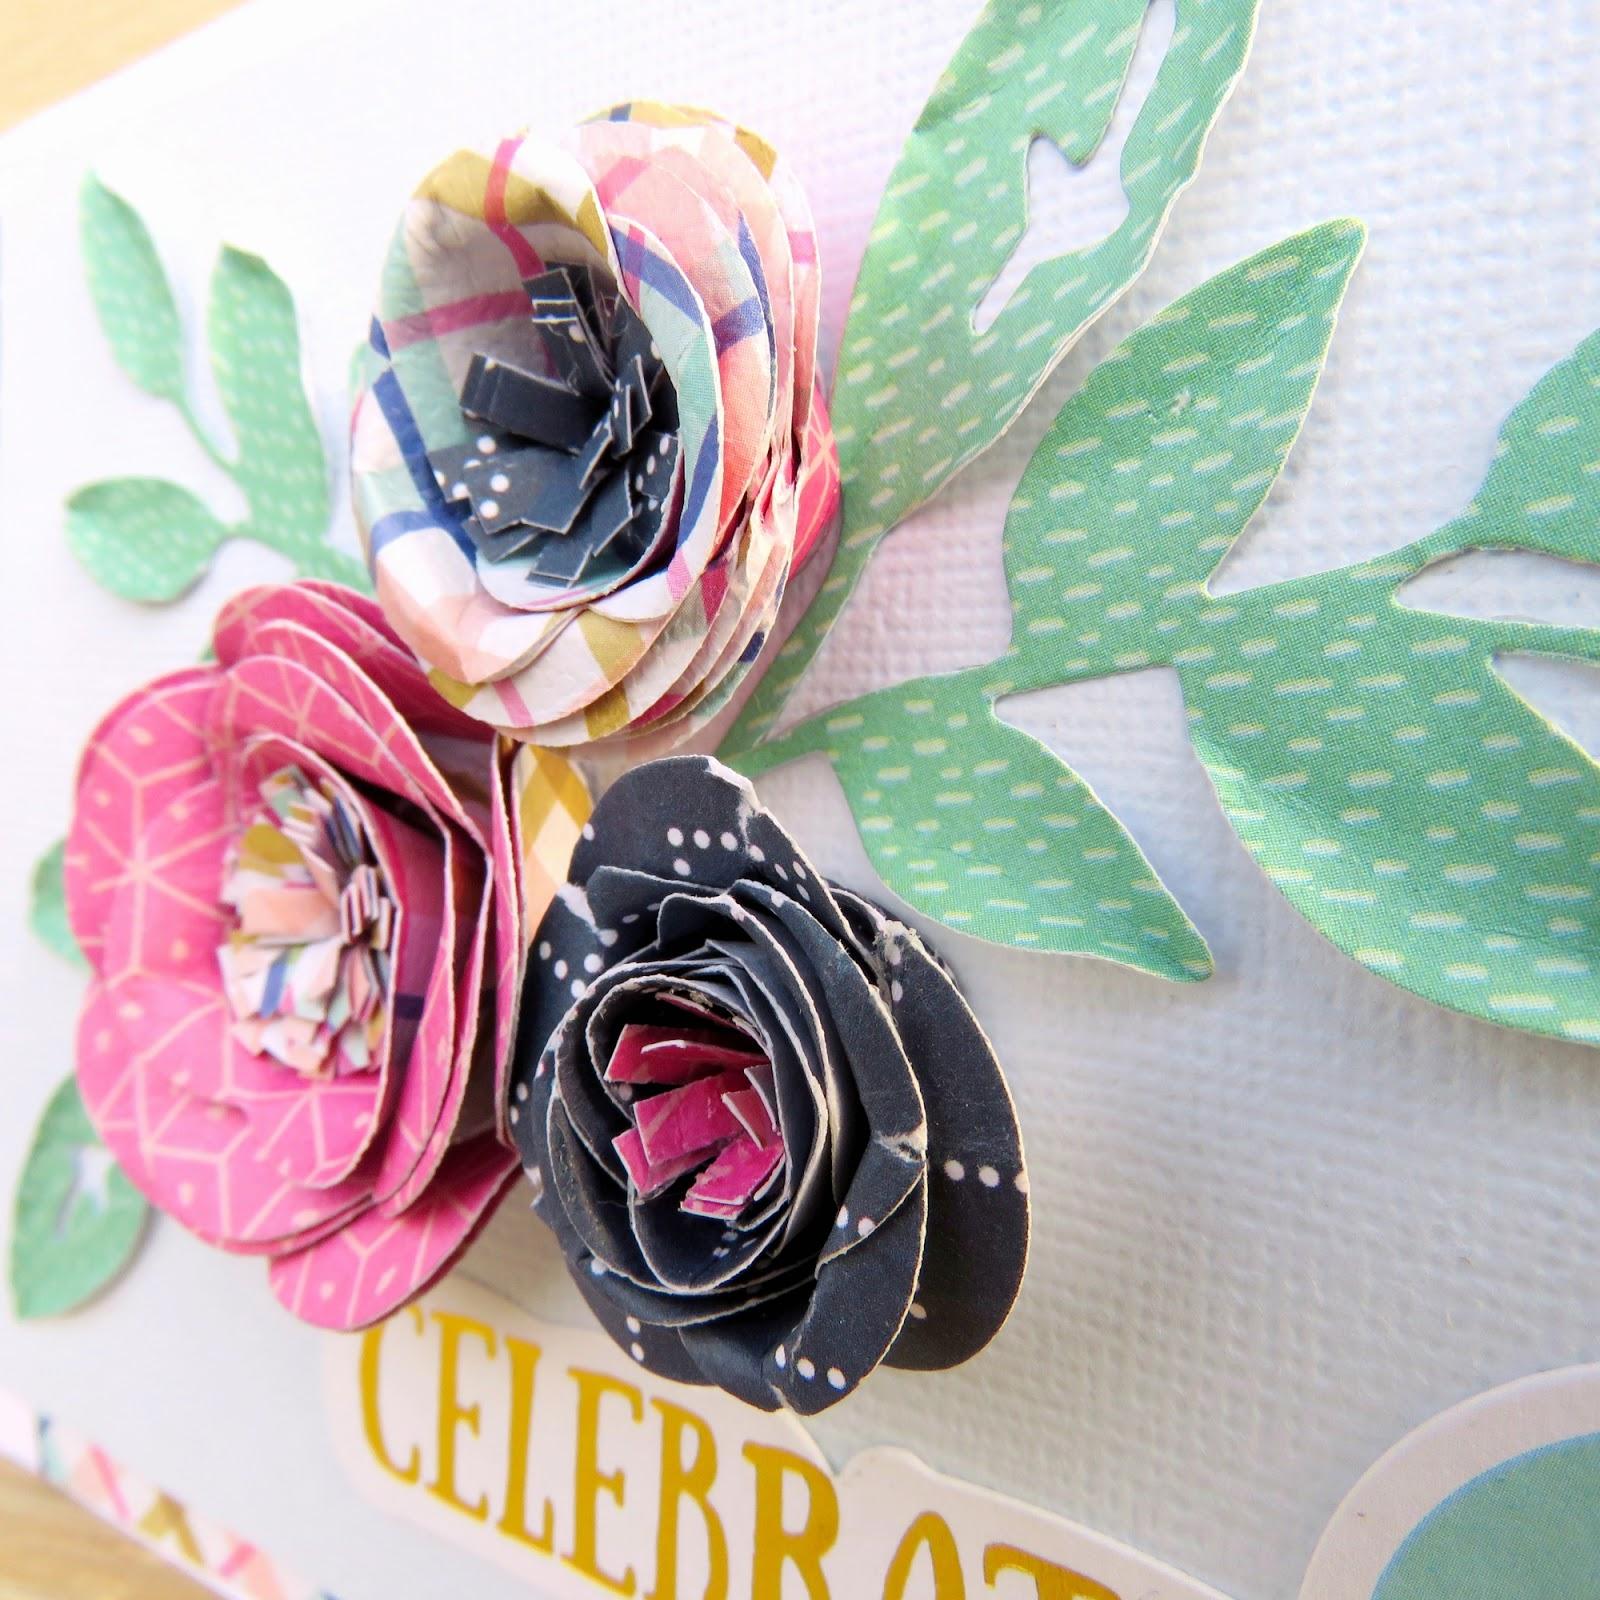 Lujo Fotos De Uñas Color Rosa Y Blanco Imágenes - Ideas Para Pintar ...